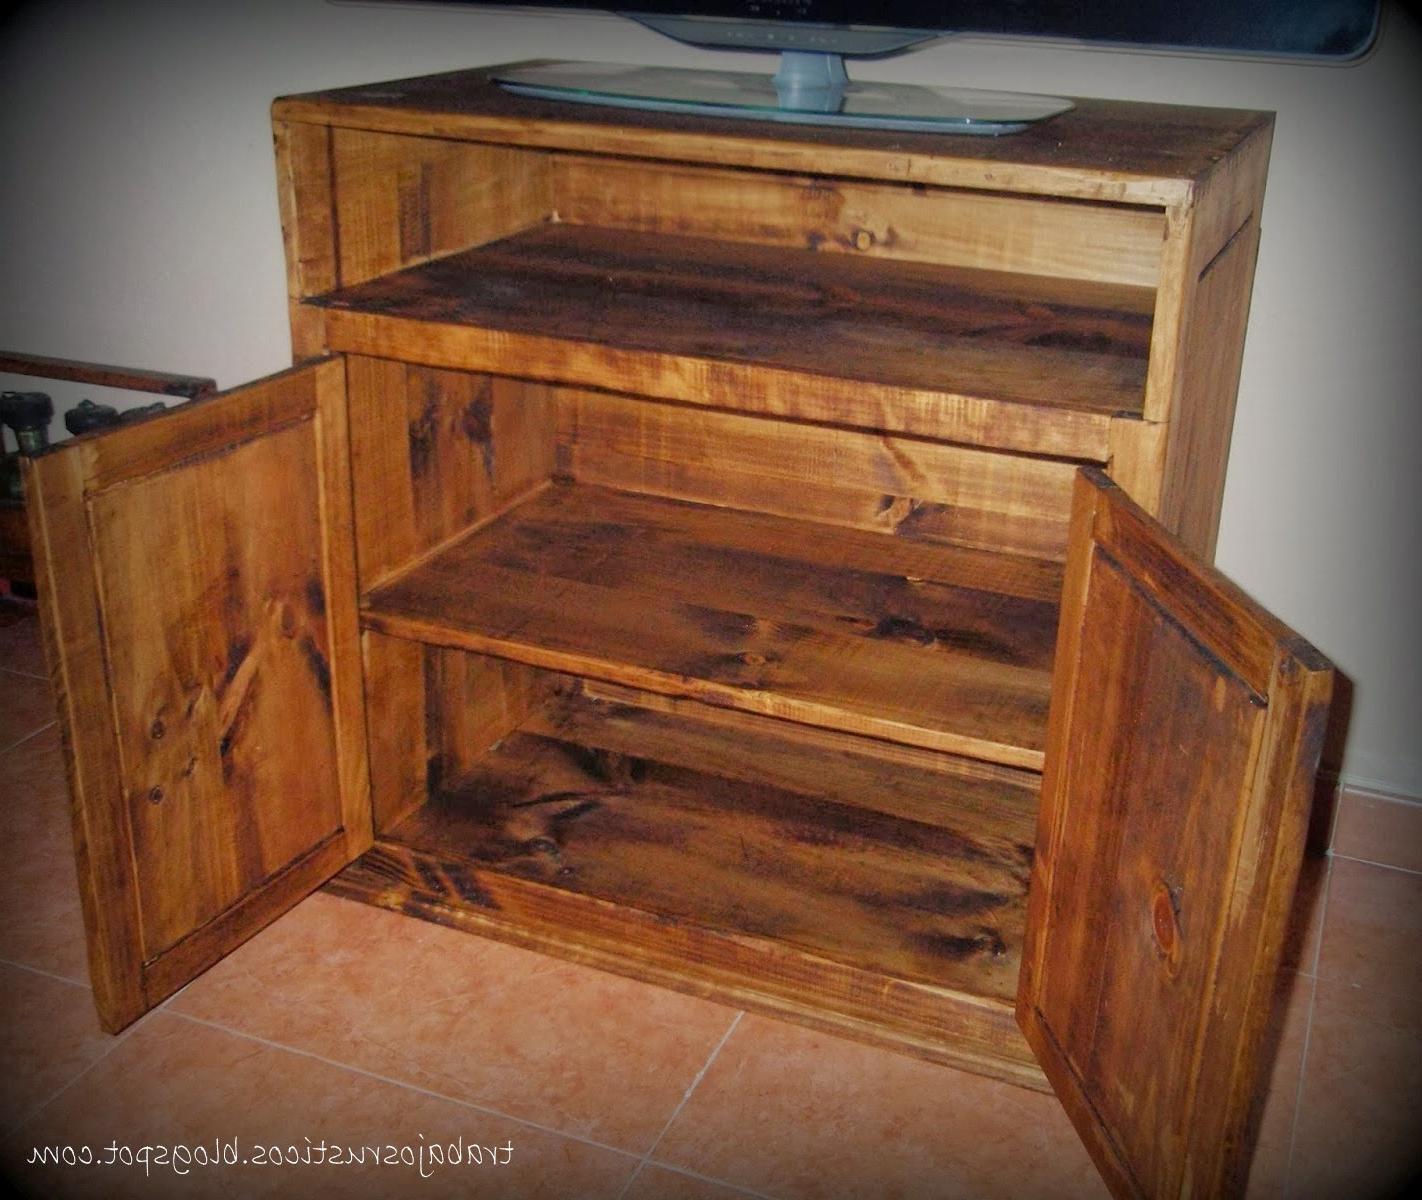 Muebles De Ocasion Zwd9 Muebles De Ocasion Rusticos tonala Jalisco Sala Modernos Para Bano